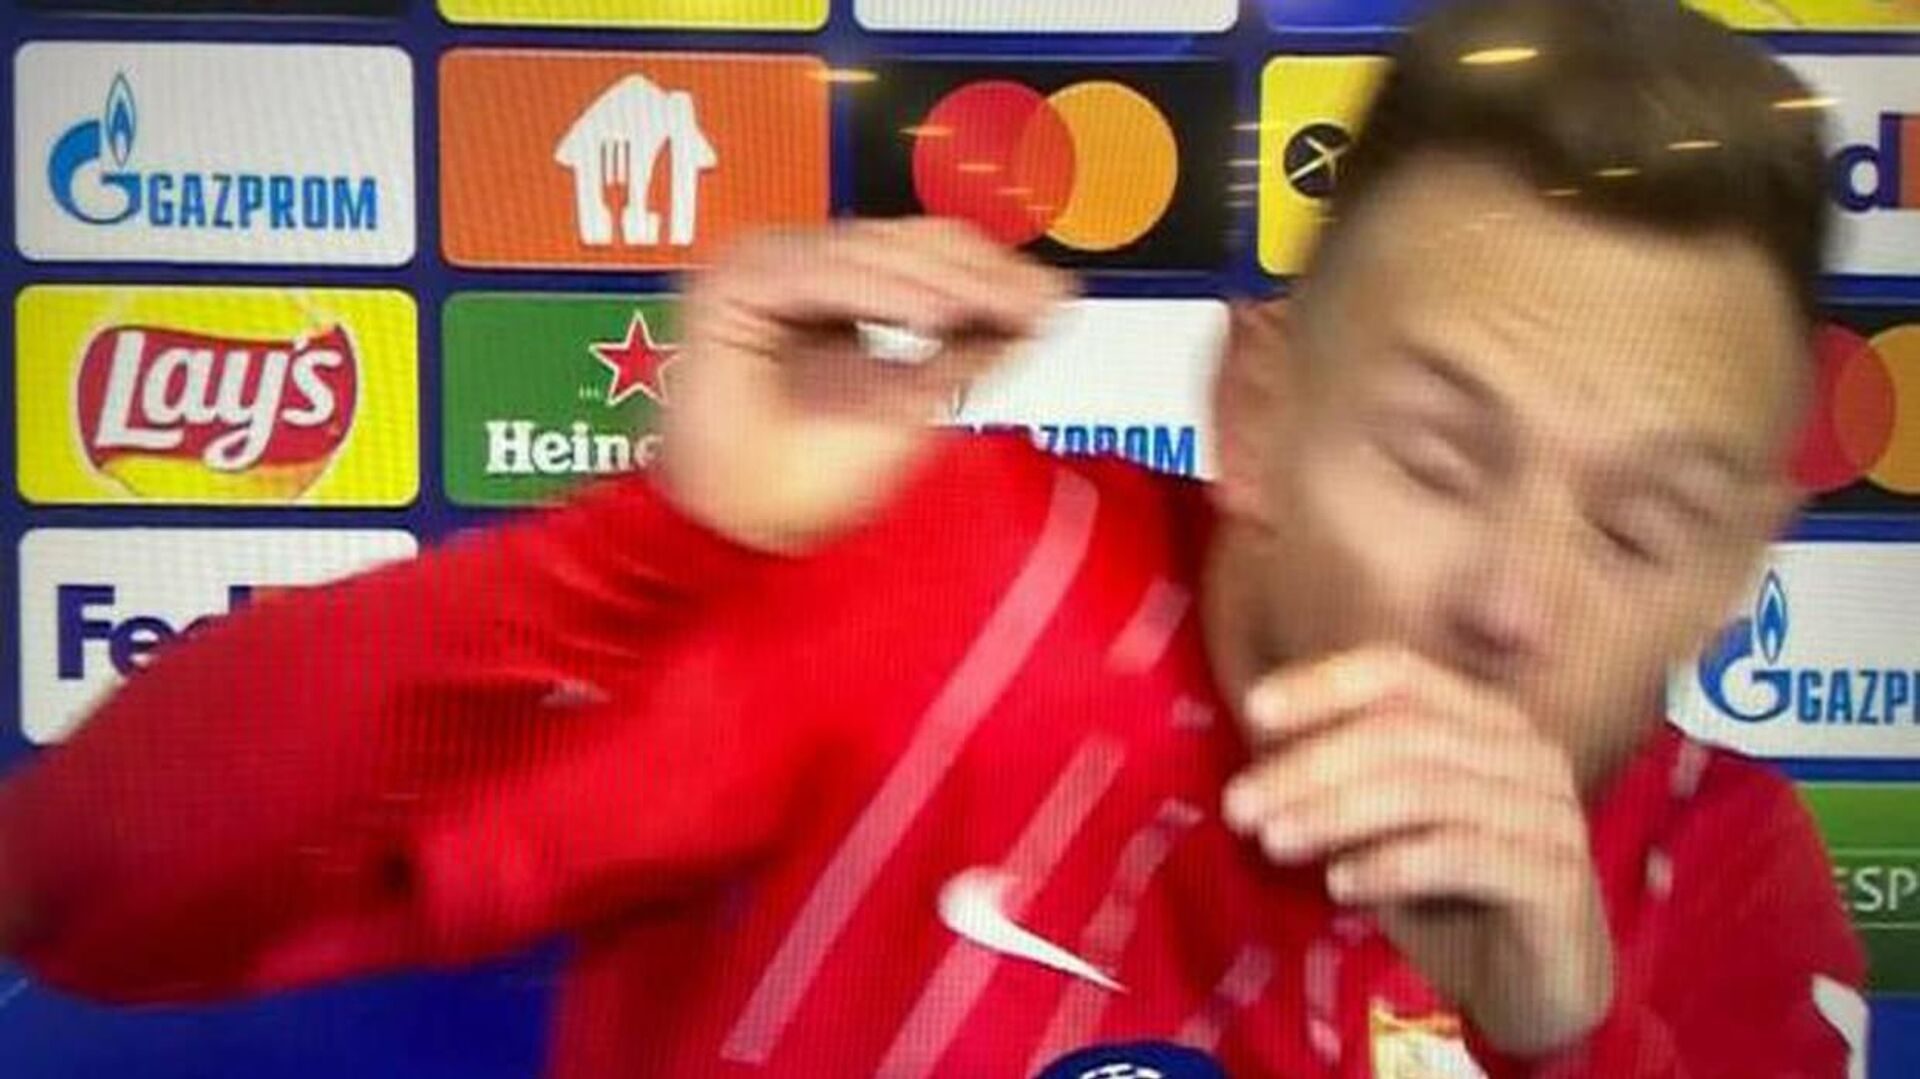 Παίκτης δέχεται μπύρα εν ώρα συνέντευξης - Sputnik Ελλάδα, 1920, 30.09.2021